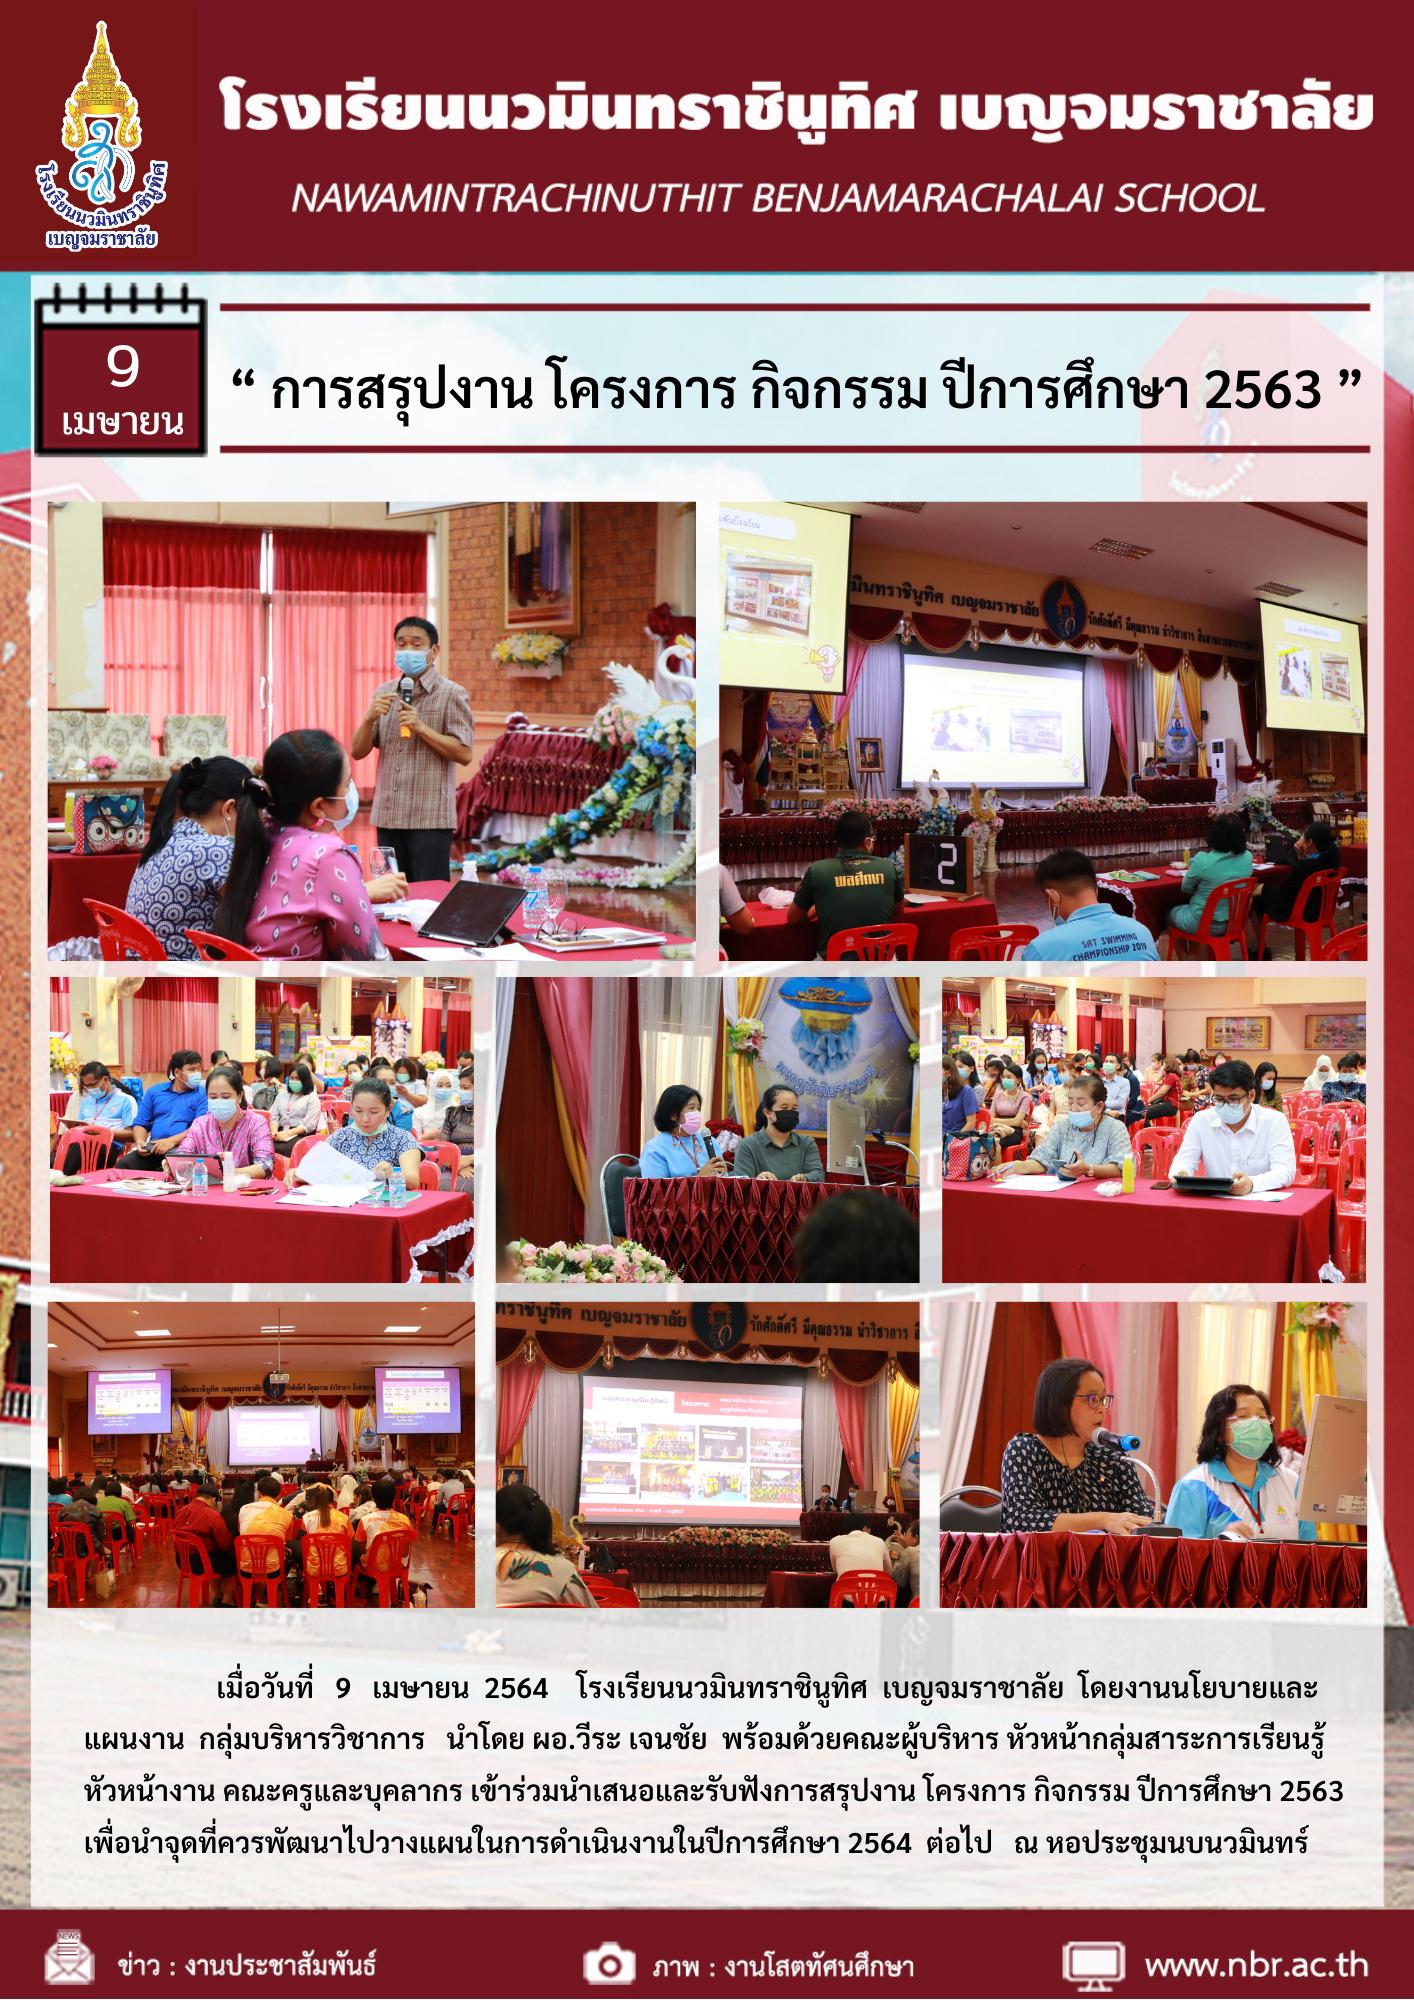 การสรุปงาน โครงการ กิจกรรม ปีการศึกษา 2563